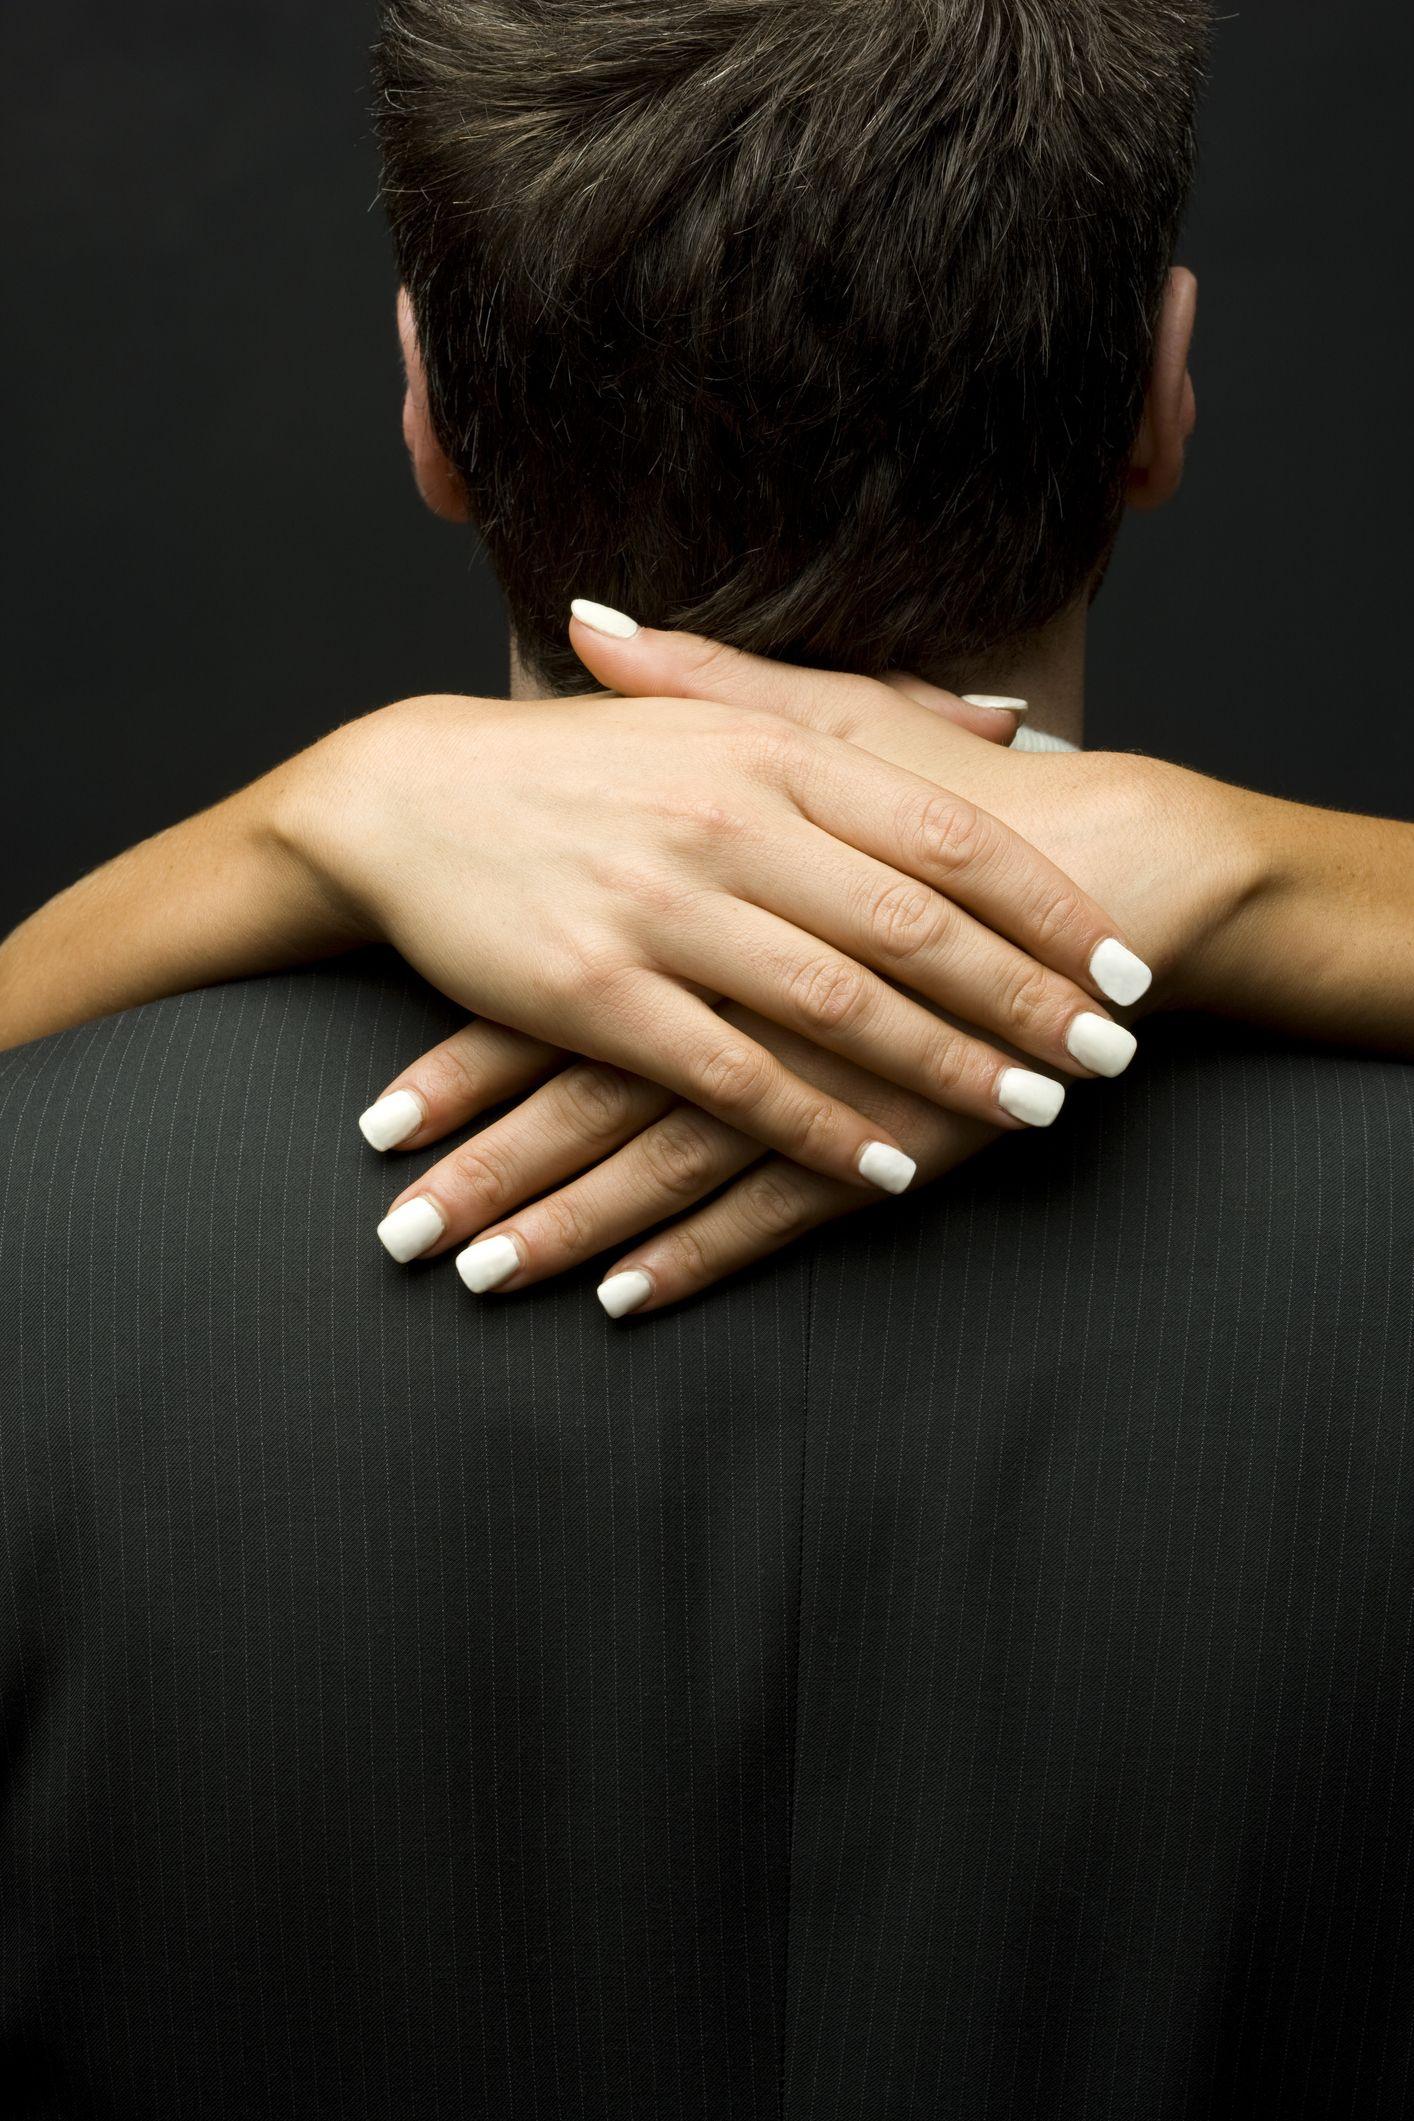 'How I Told My Partner I Cheated On Him'